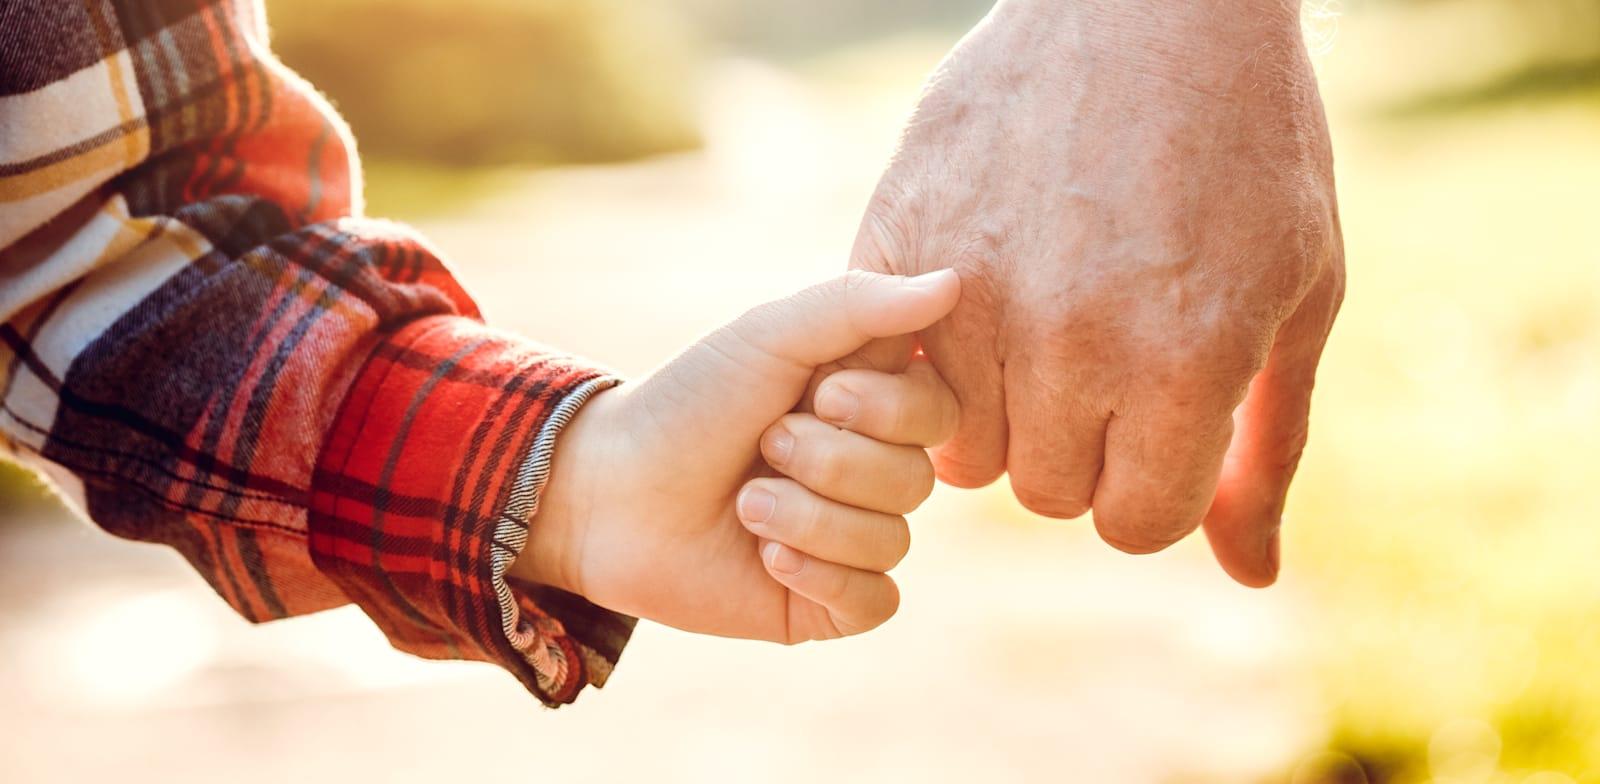 יחסים בין נכדים לסבא ולסבתא. בית המשפט מתערב יותר בשנים האחרונות / צילום: Shutterstock, Lizardflms